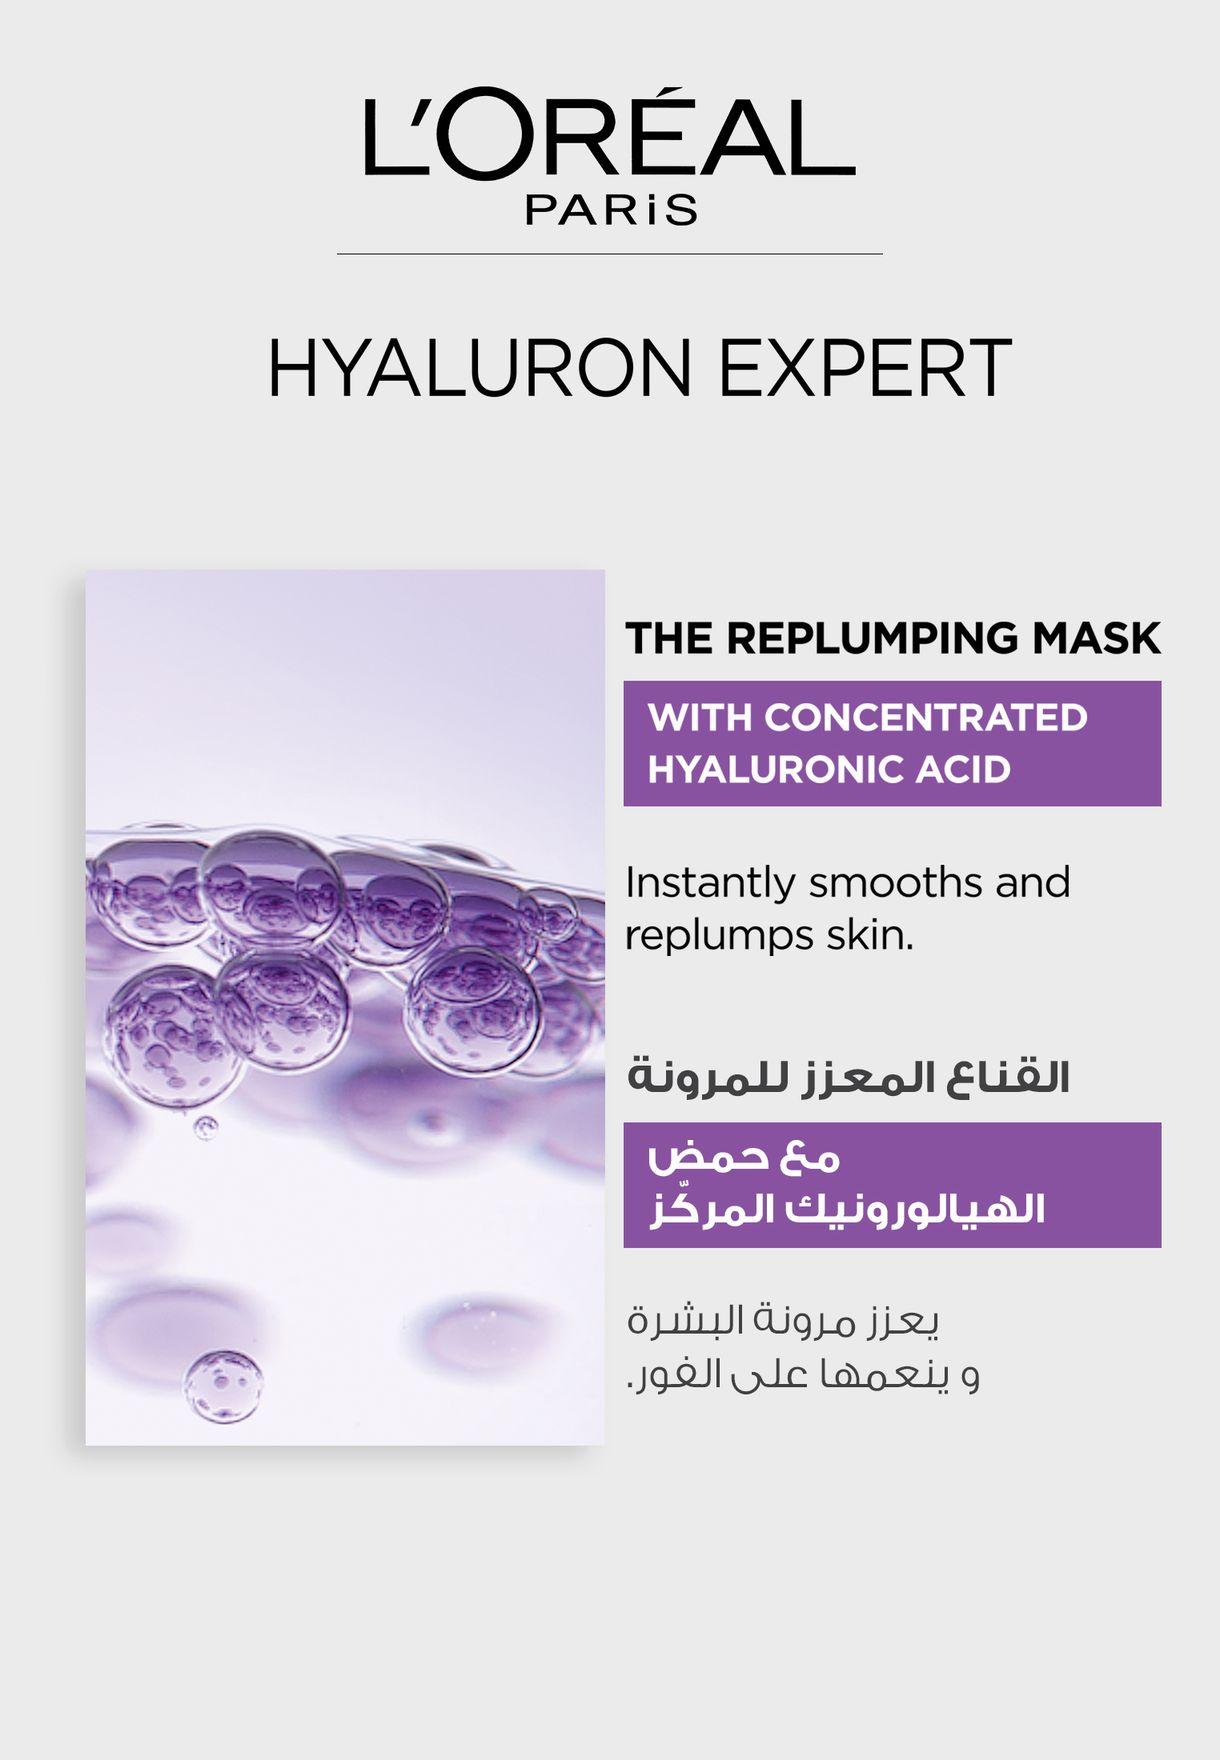 4 Hyaluron Tissue Mask Saving, 25%